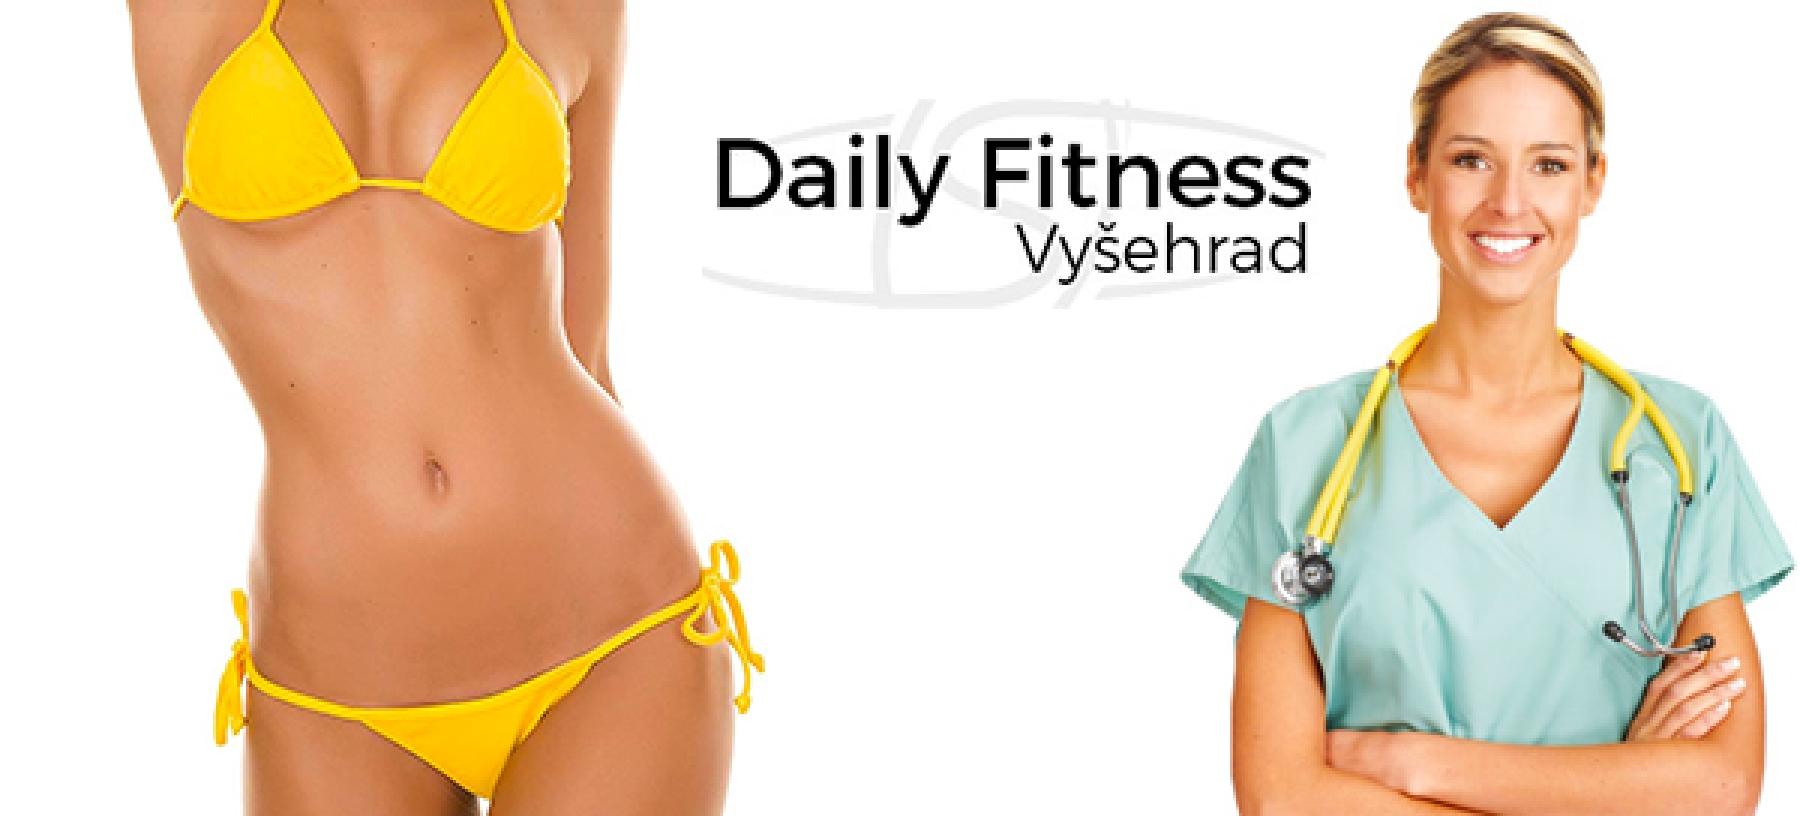 Daily Fitness Vyšehrad – 4× kryolipolýza BTL